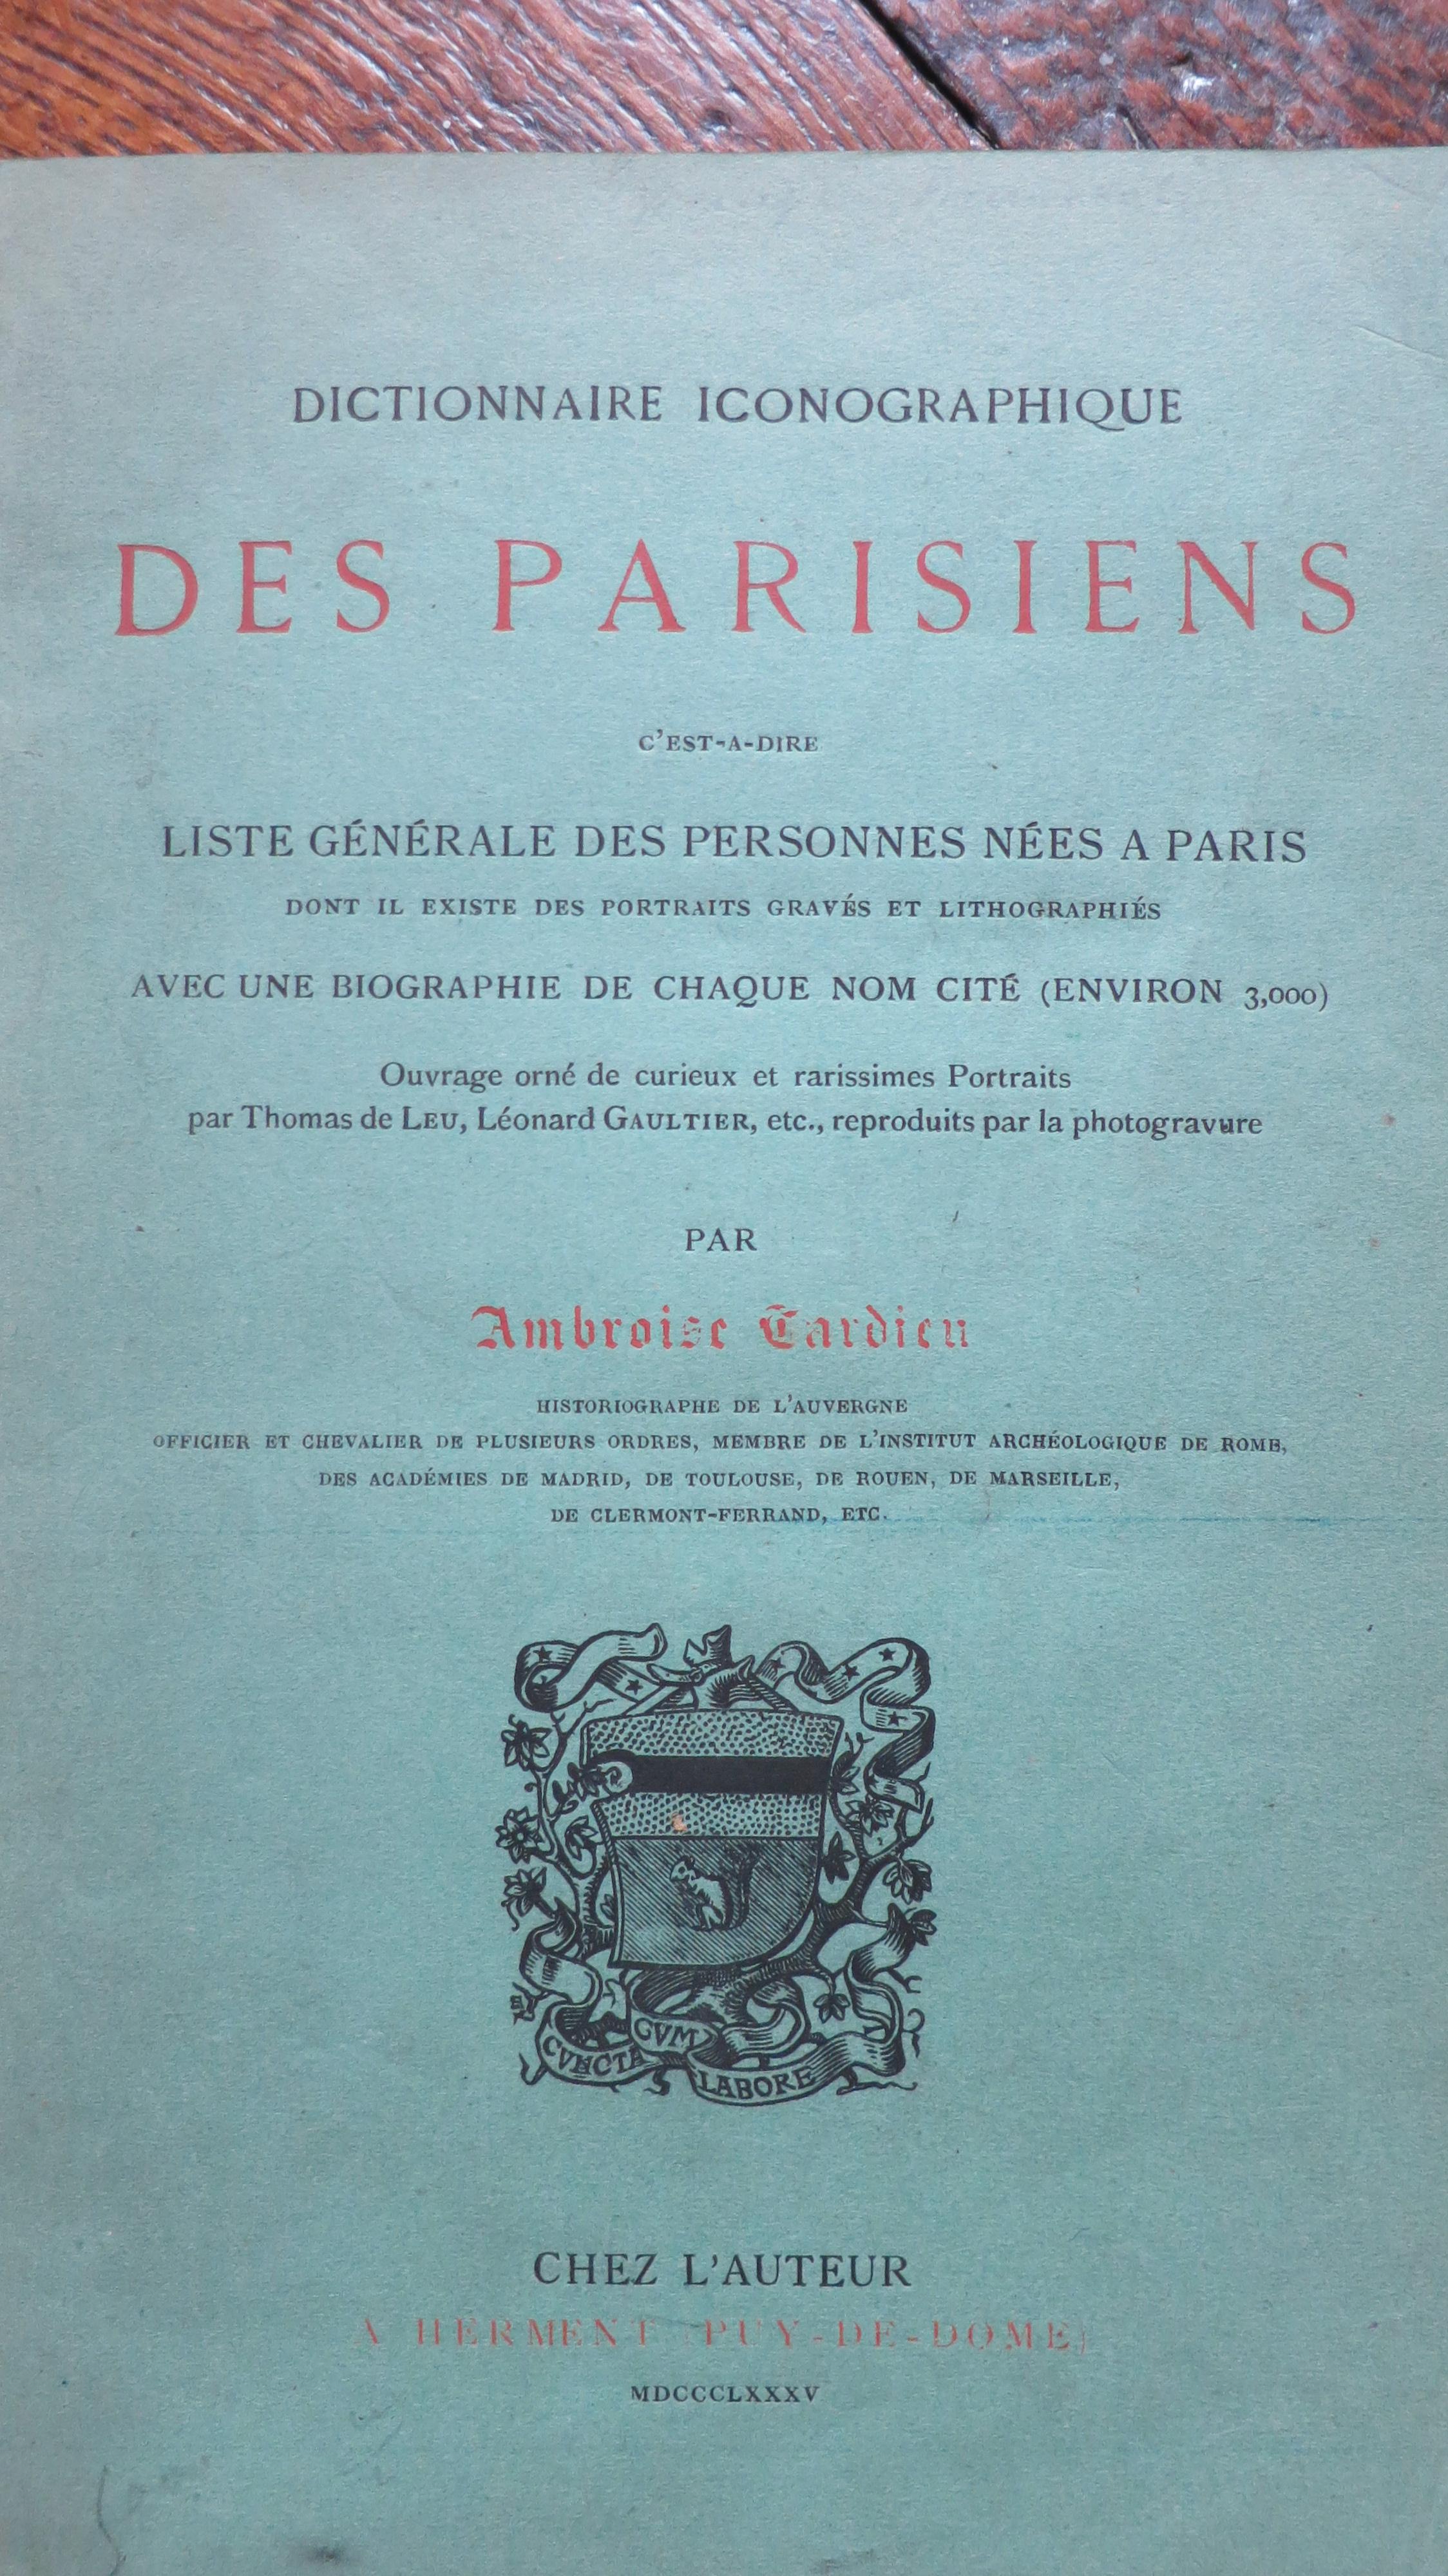 Dictionnaire iconographique des parisiens